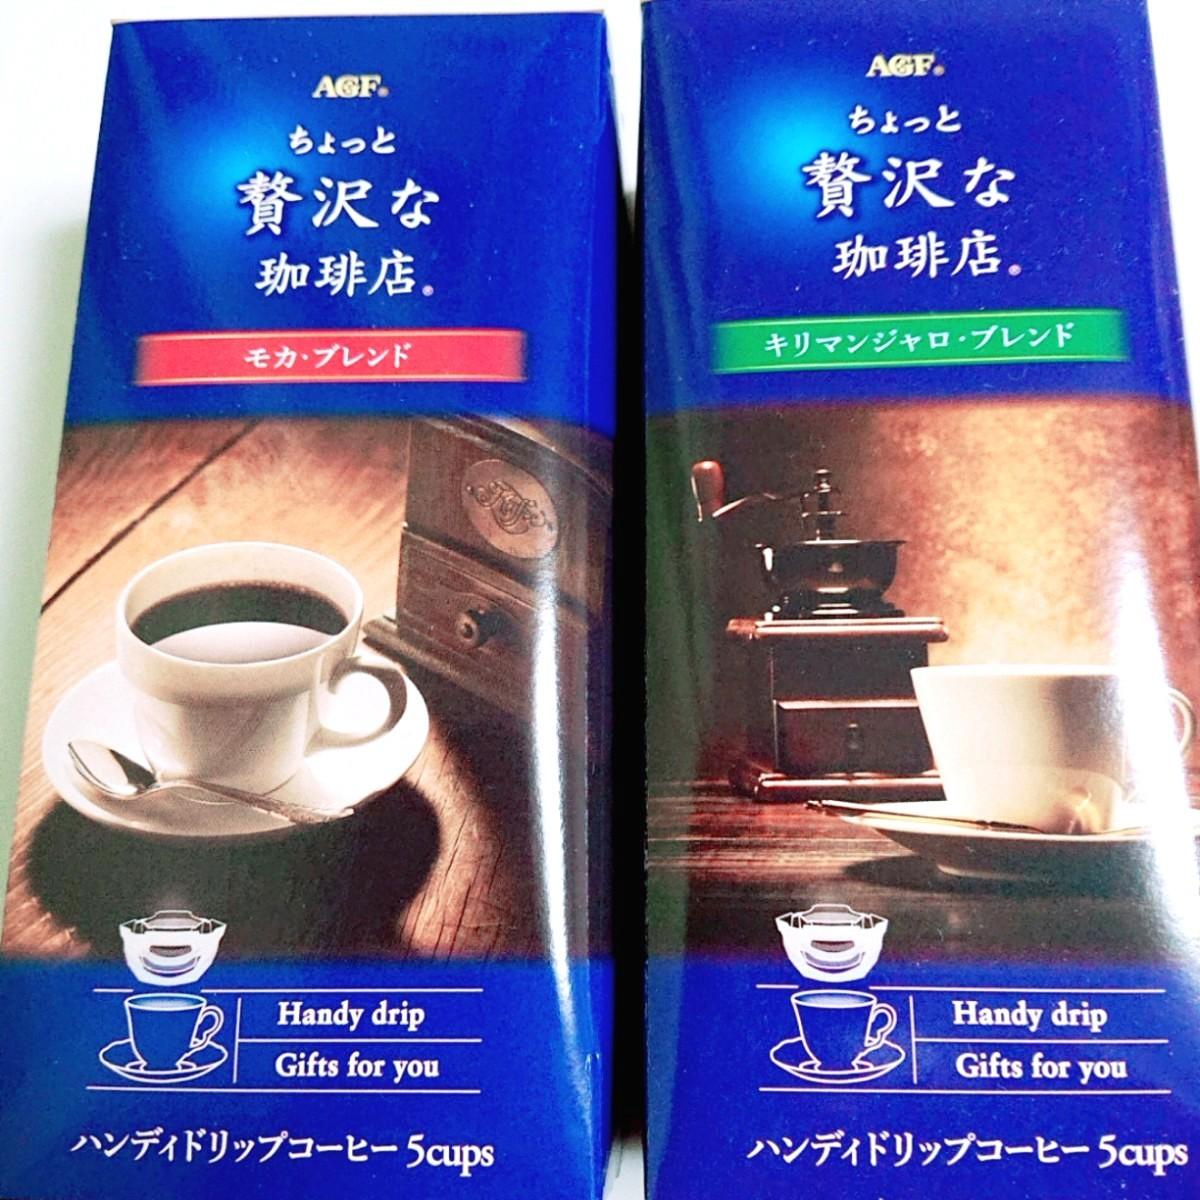 ドリップコーヒー・スティックコーヒー類いろいろ詰め合わせセット